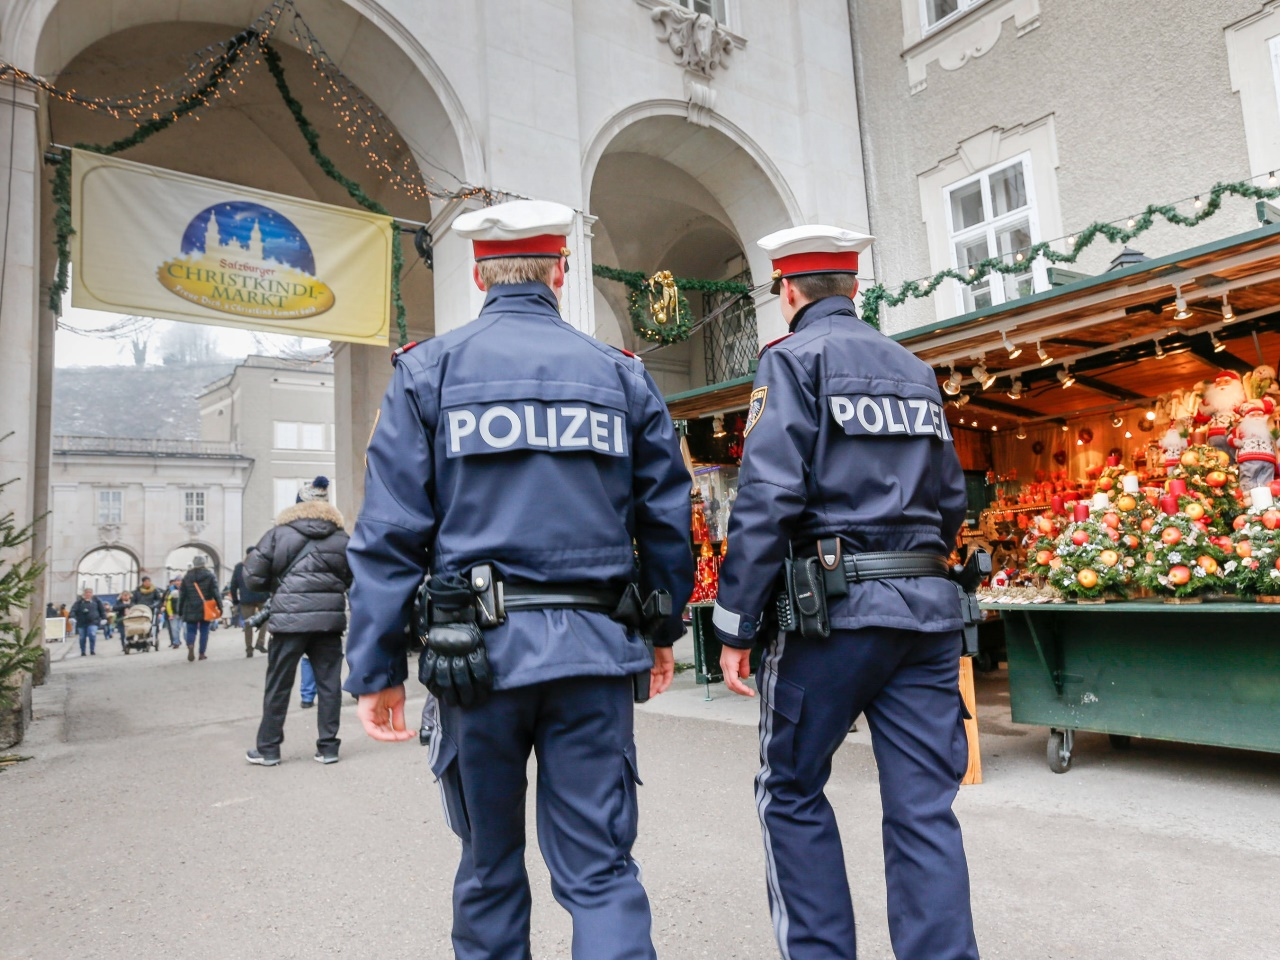 Überwachungskamera filmte Trio bei Einbruch in sechs Christkindlmarkt-Hütten